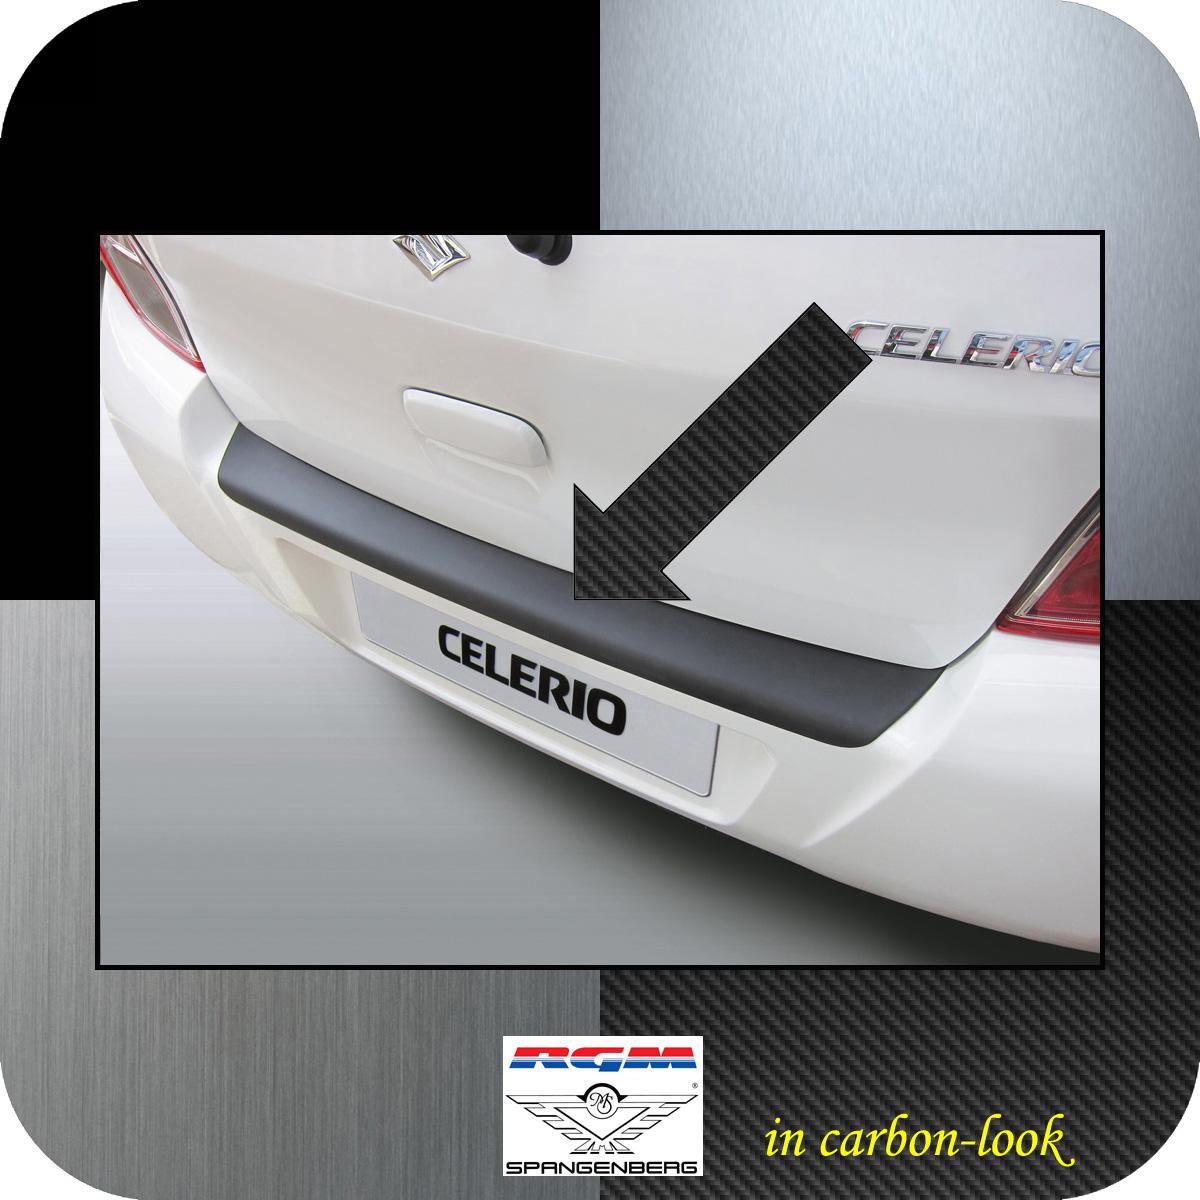 Ladekantenschutz Carbon-Look Suzuki Celerio Schrägheck ab 03.2014- 3509937